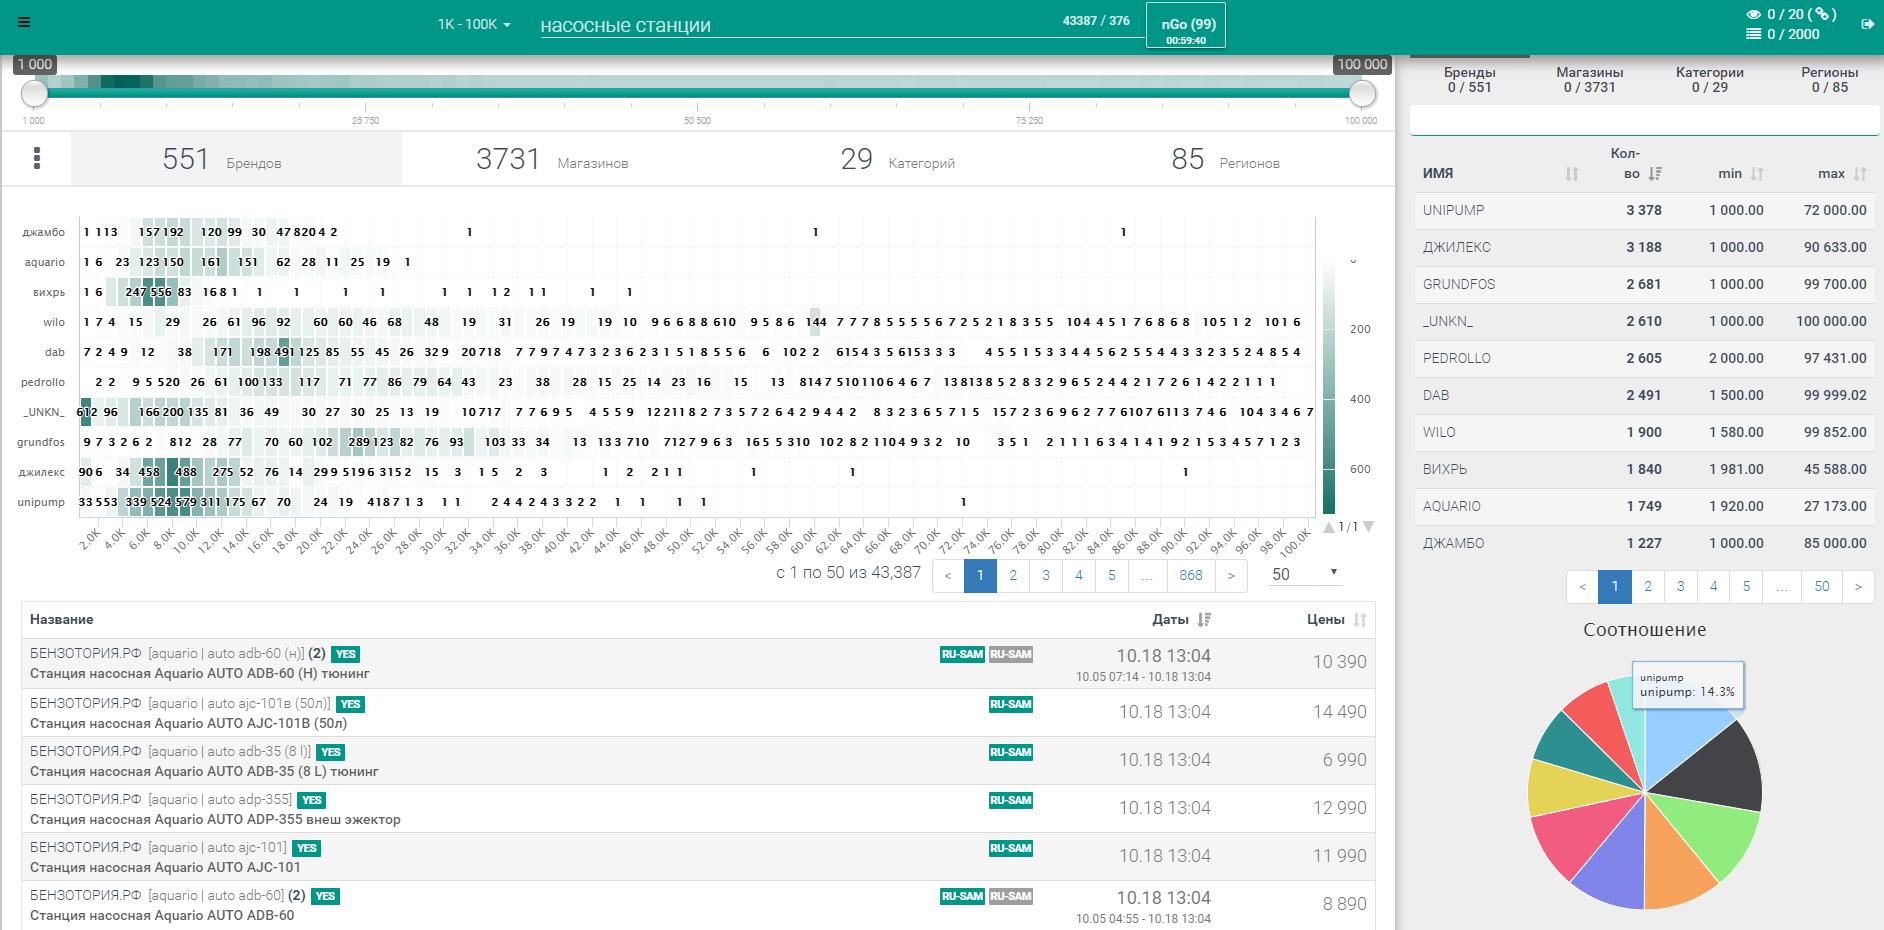 Обзор сервиса nCrawler: целевая аудитория, выгода использования